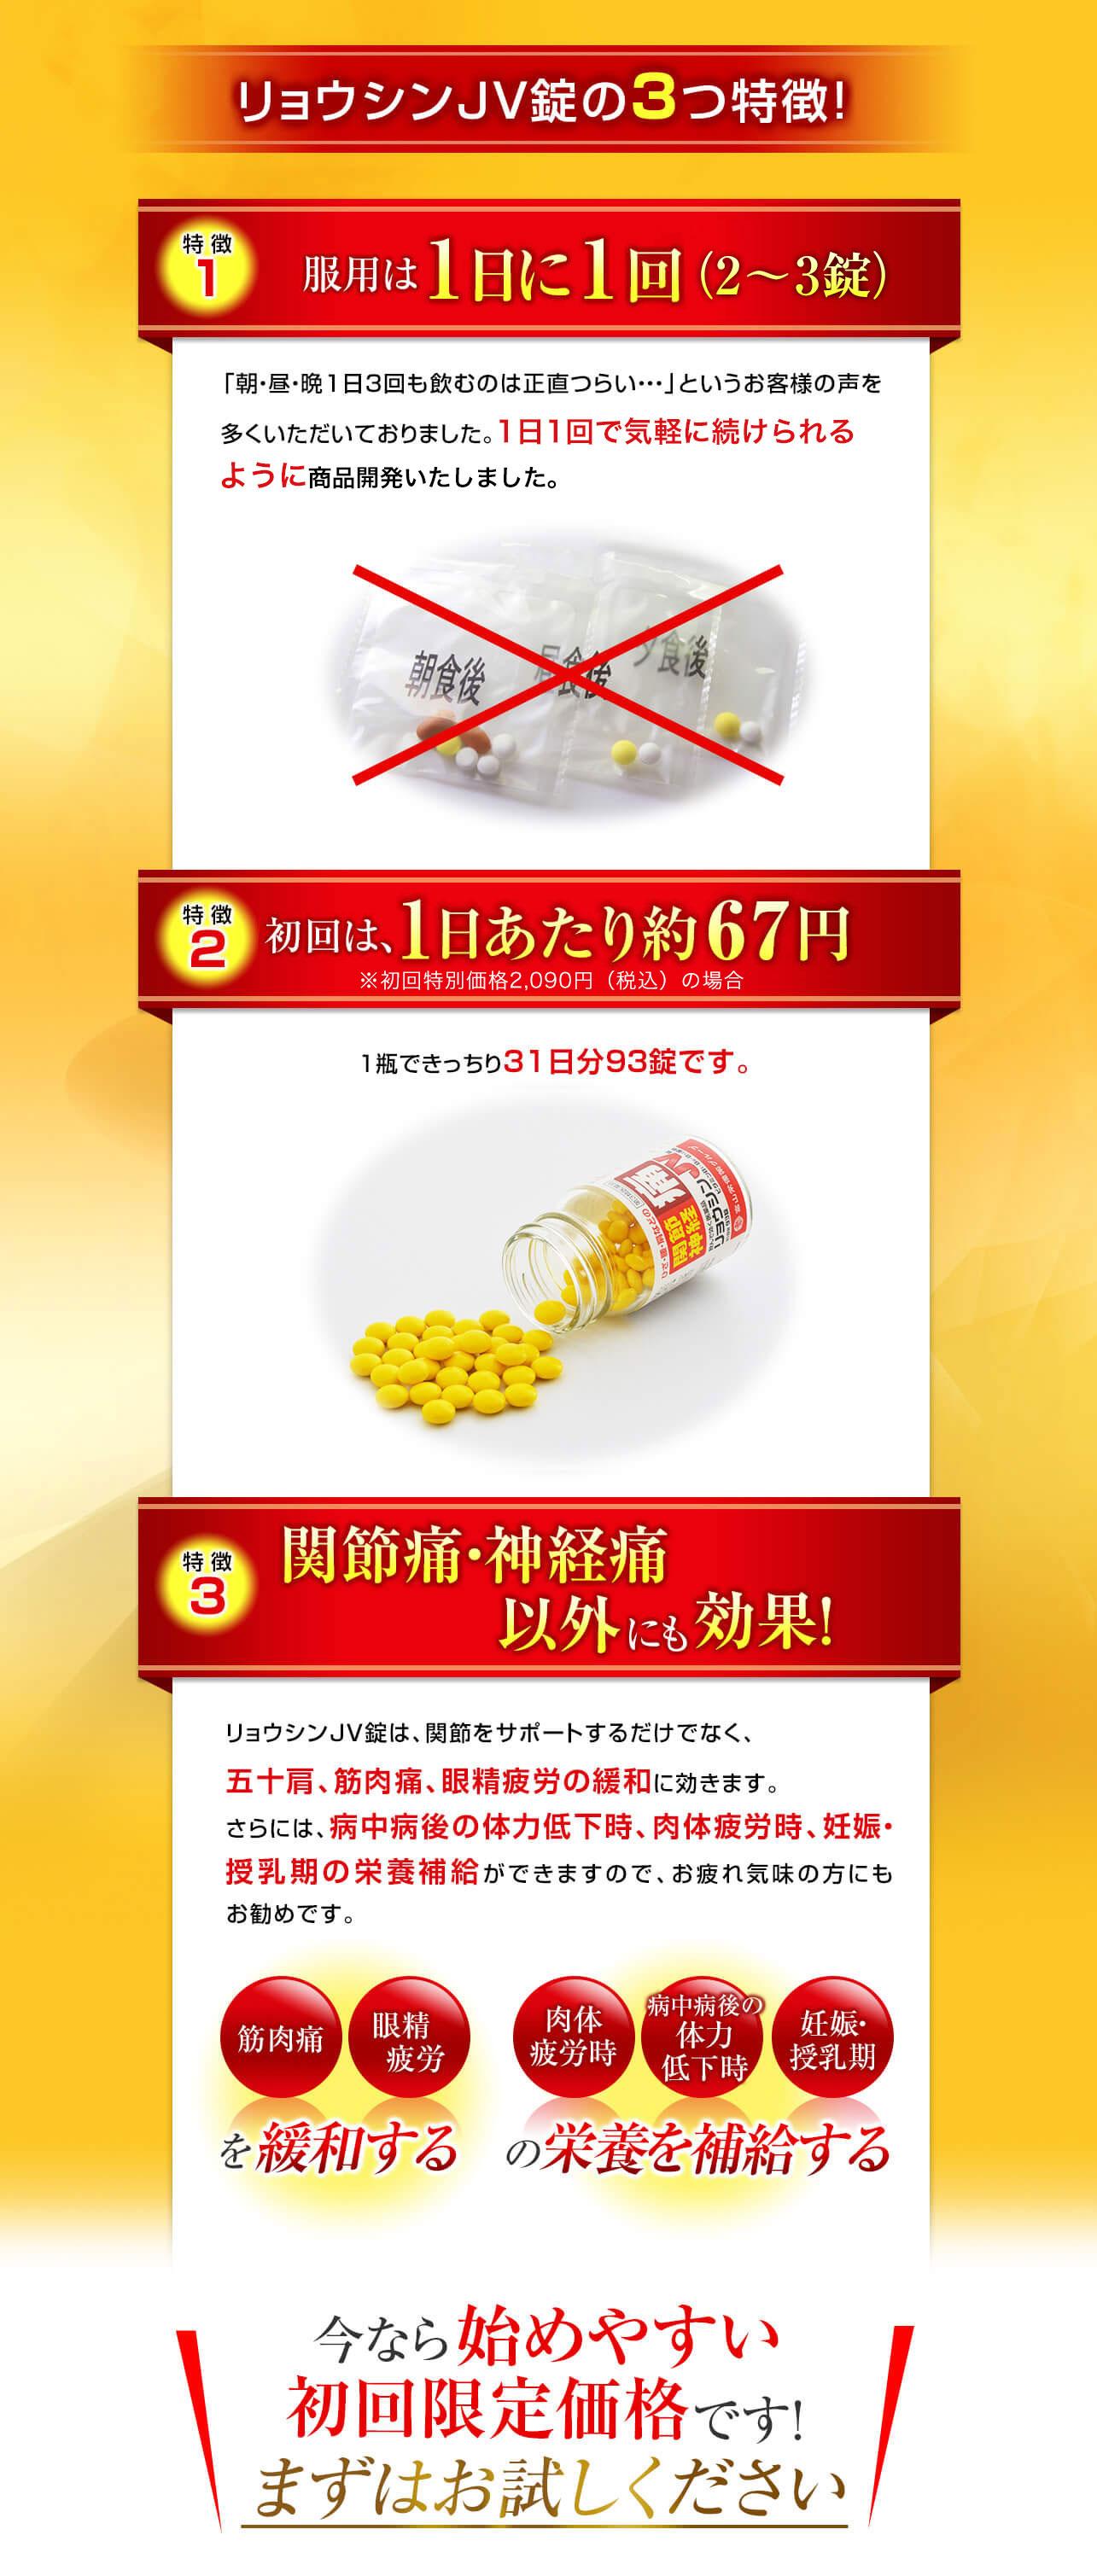 リョウシンJV錠の3つ特徴!